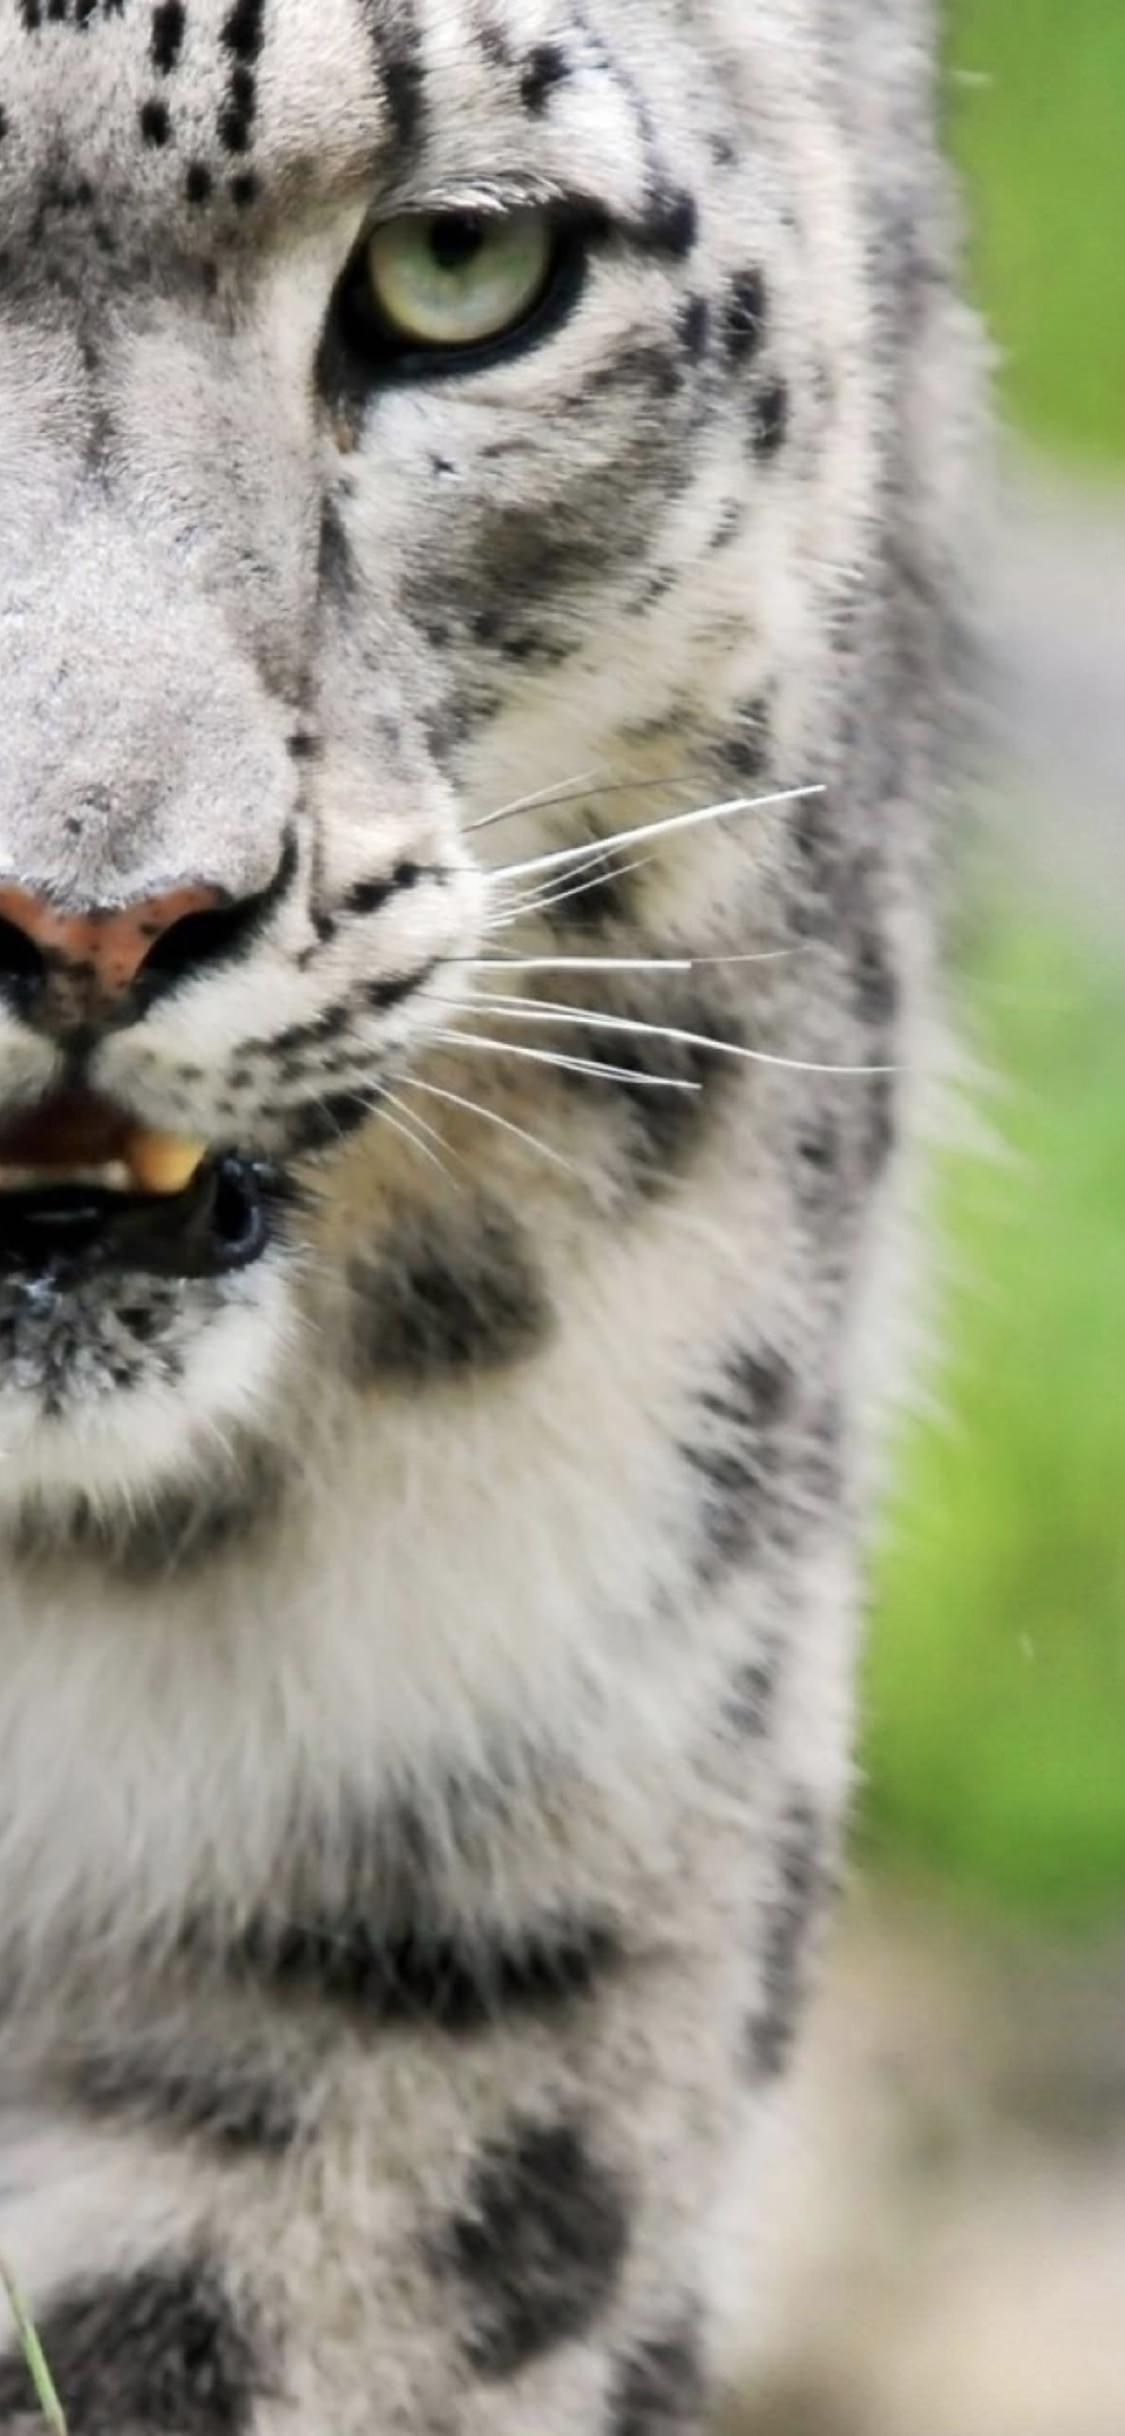 Un primo piano di un felino - Sfondi per iPhone, i migliori da scaricare gratis